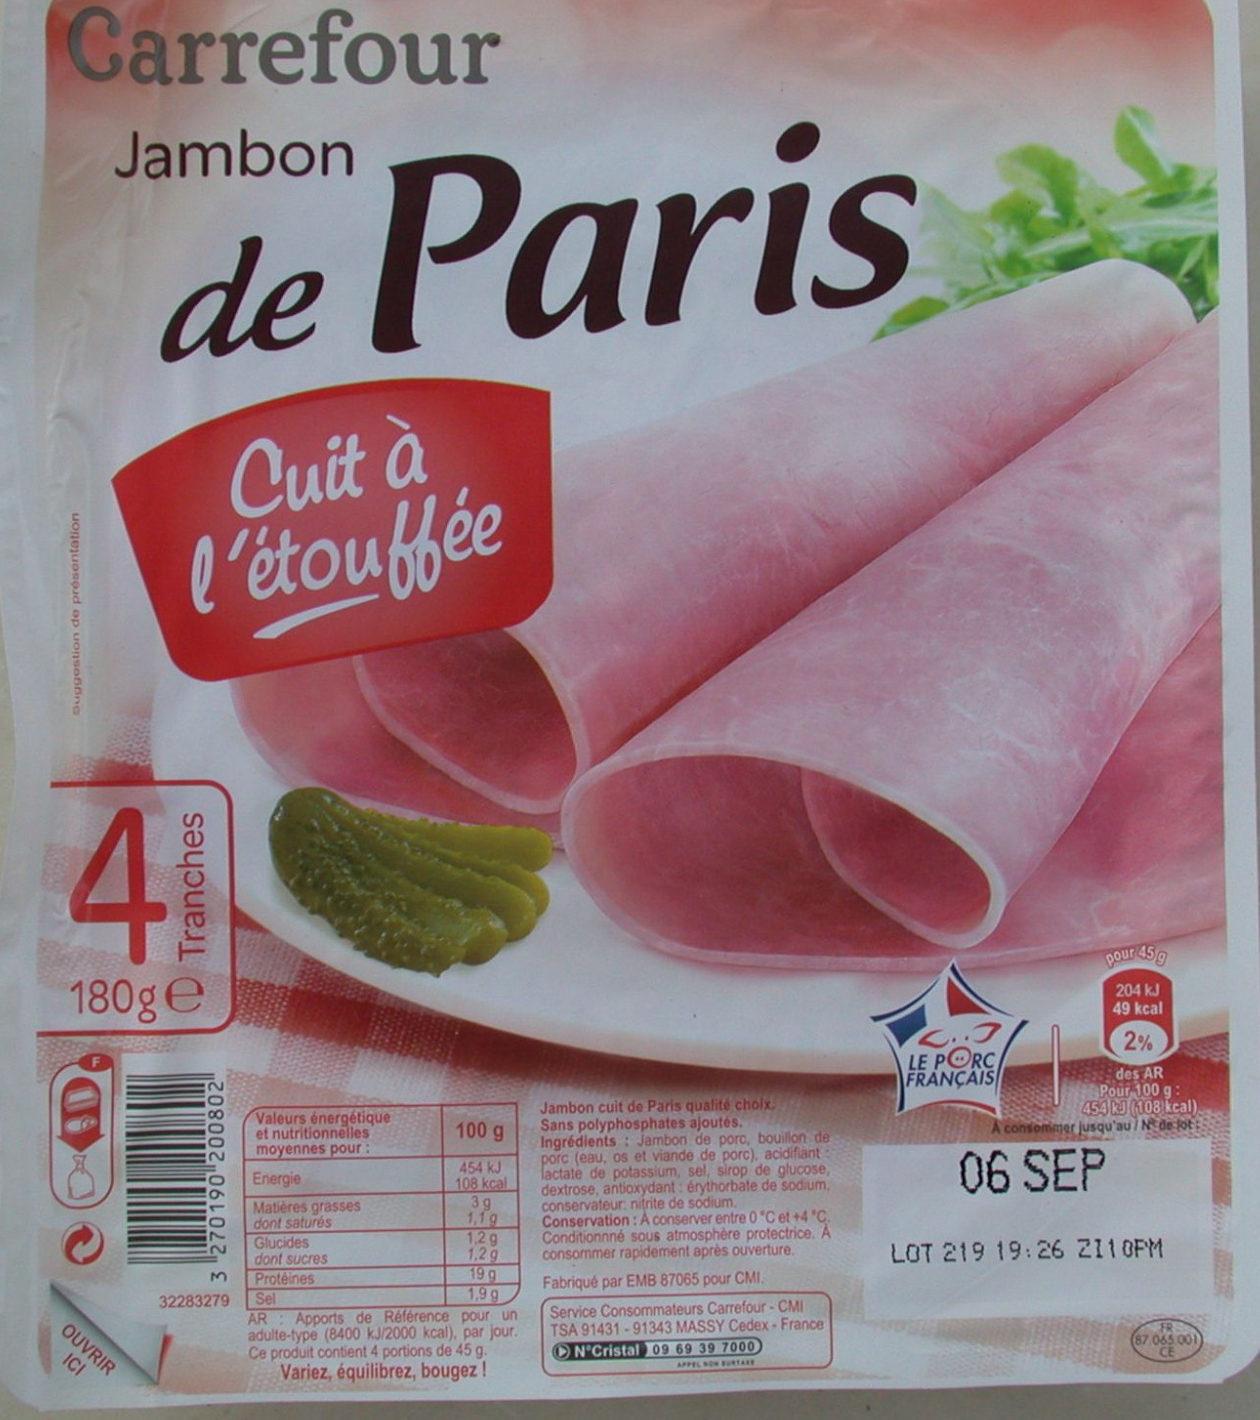 Jambon de Paris, Cuit à l'étouffée (4 Tranches) - Product - fr